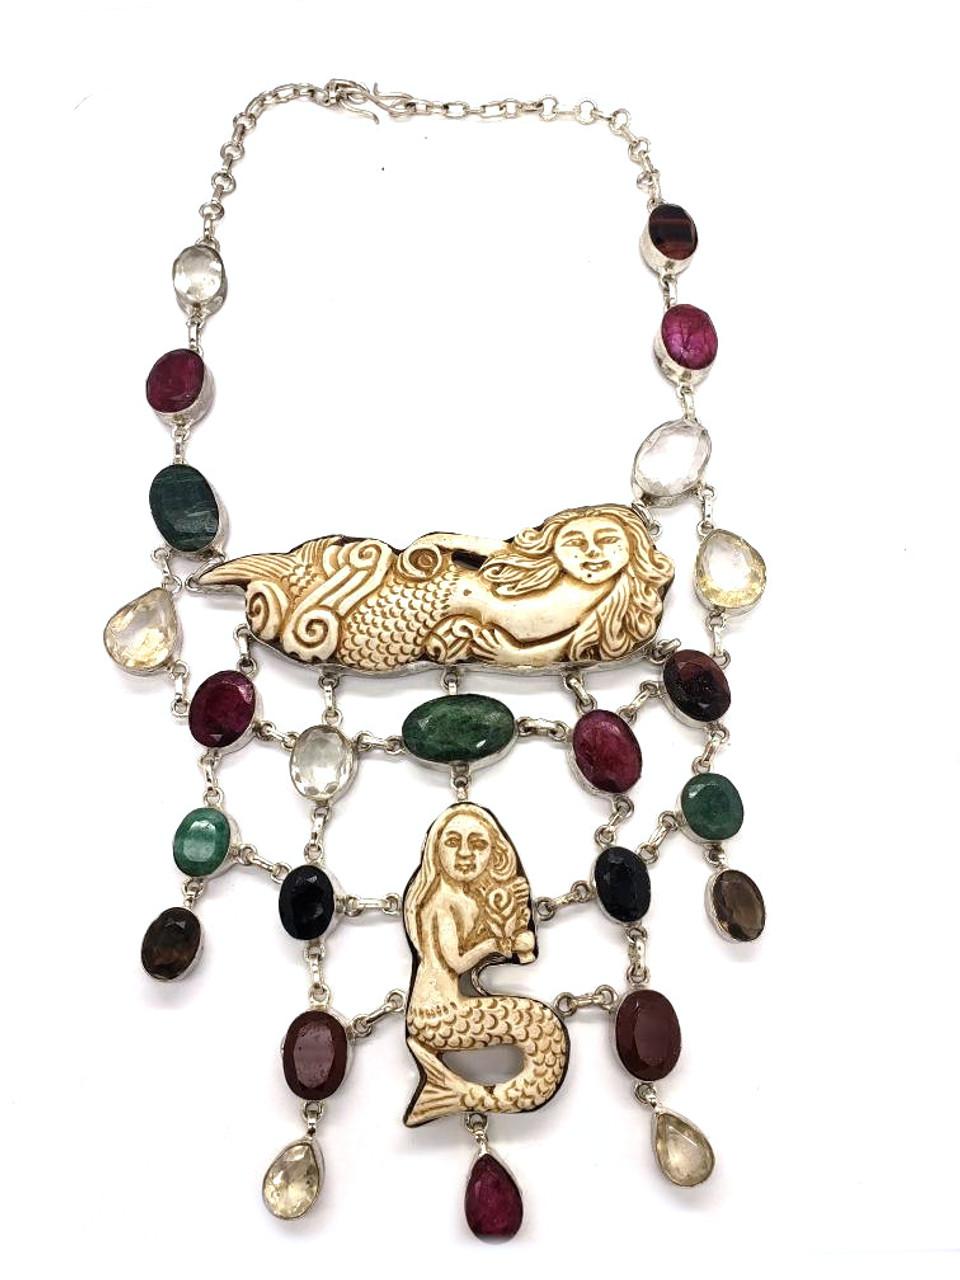 Mermaid Treasure Necklace